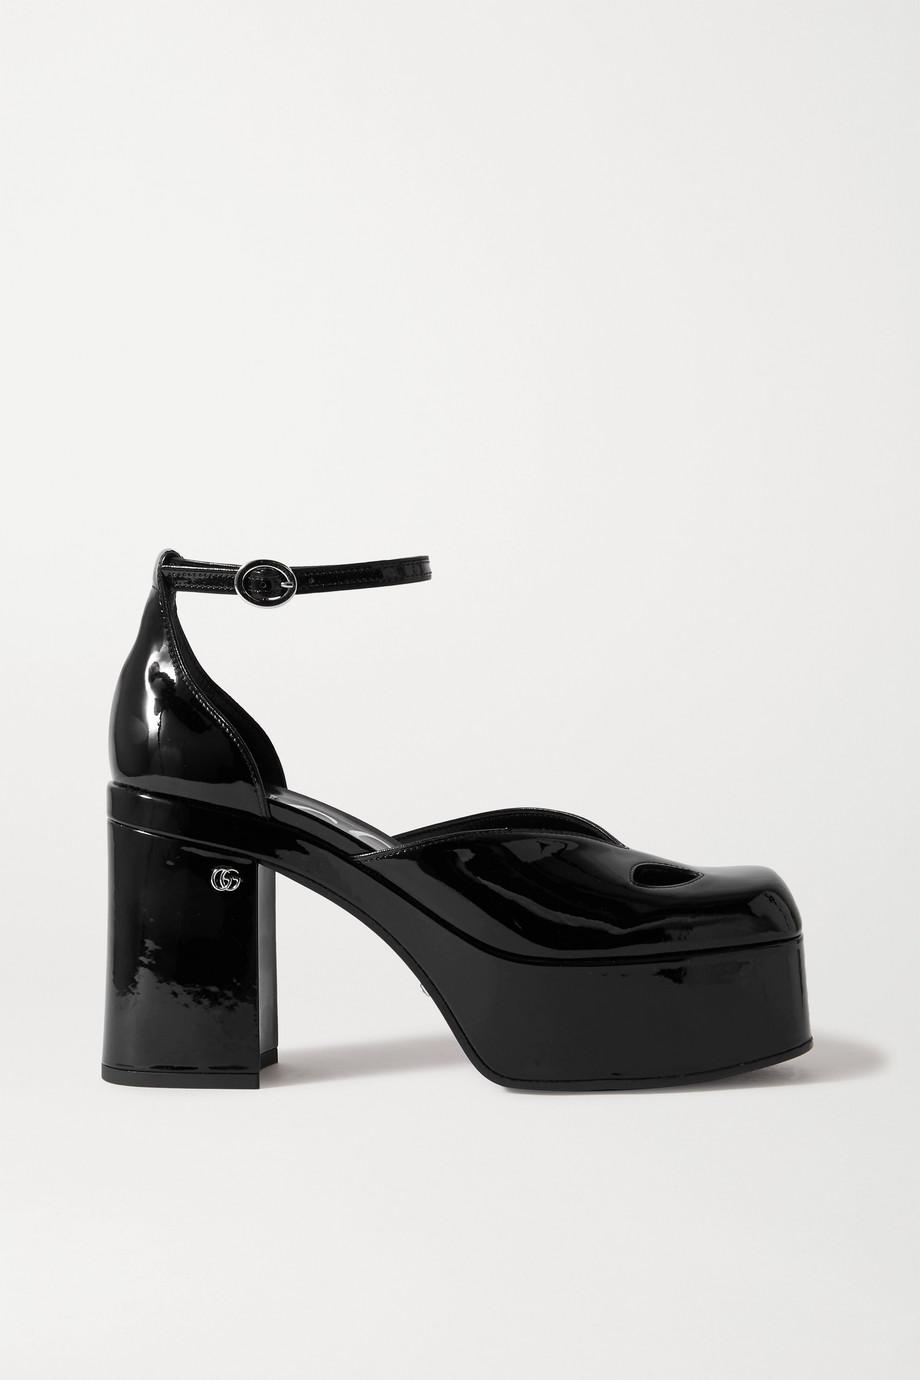 Gucci Marvin cutout patent-leather platform pumps